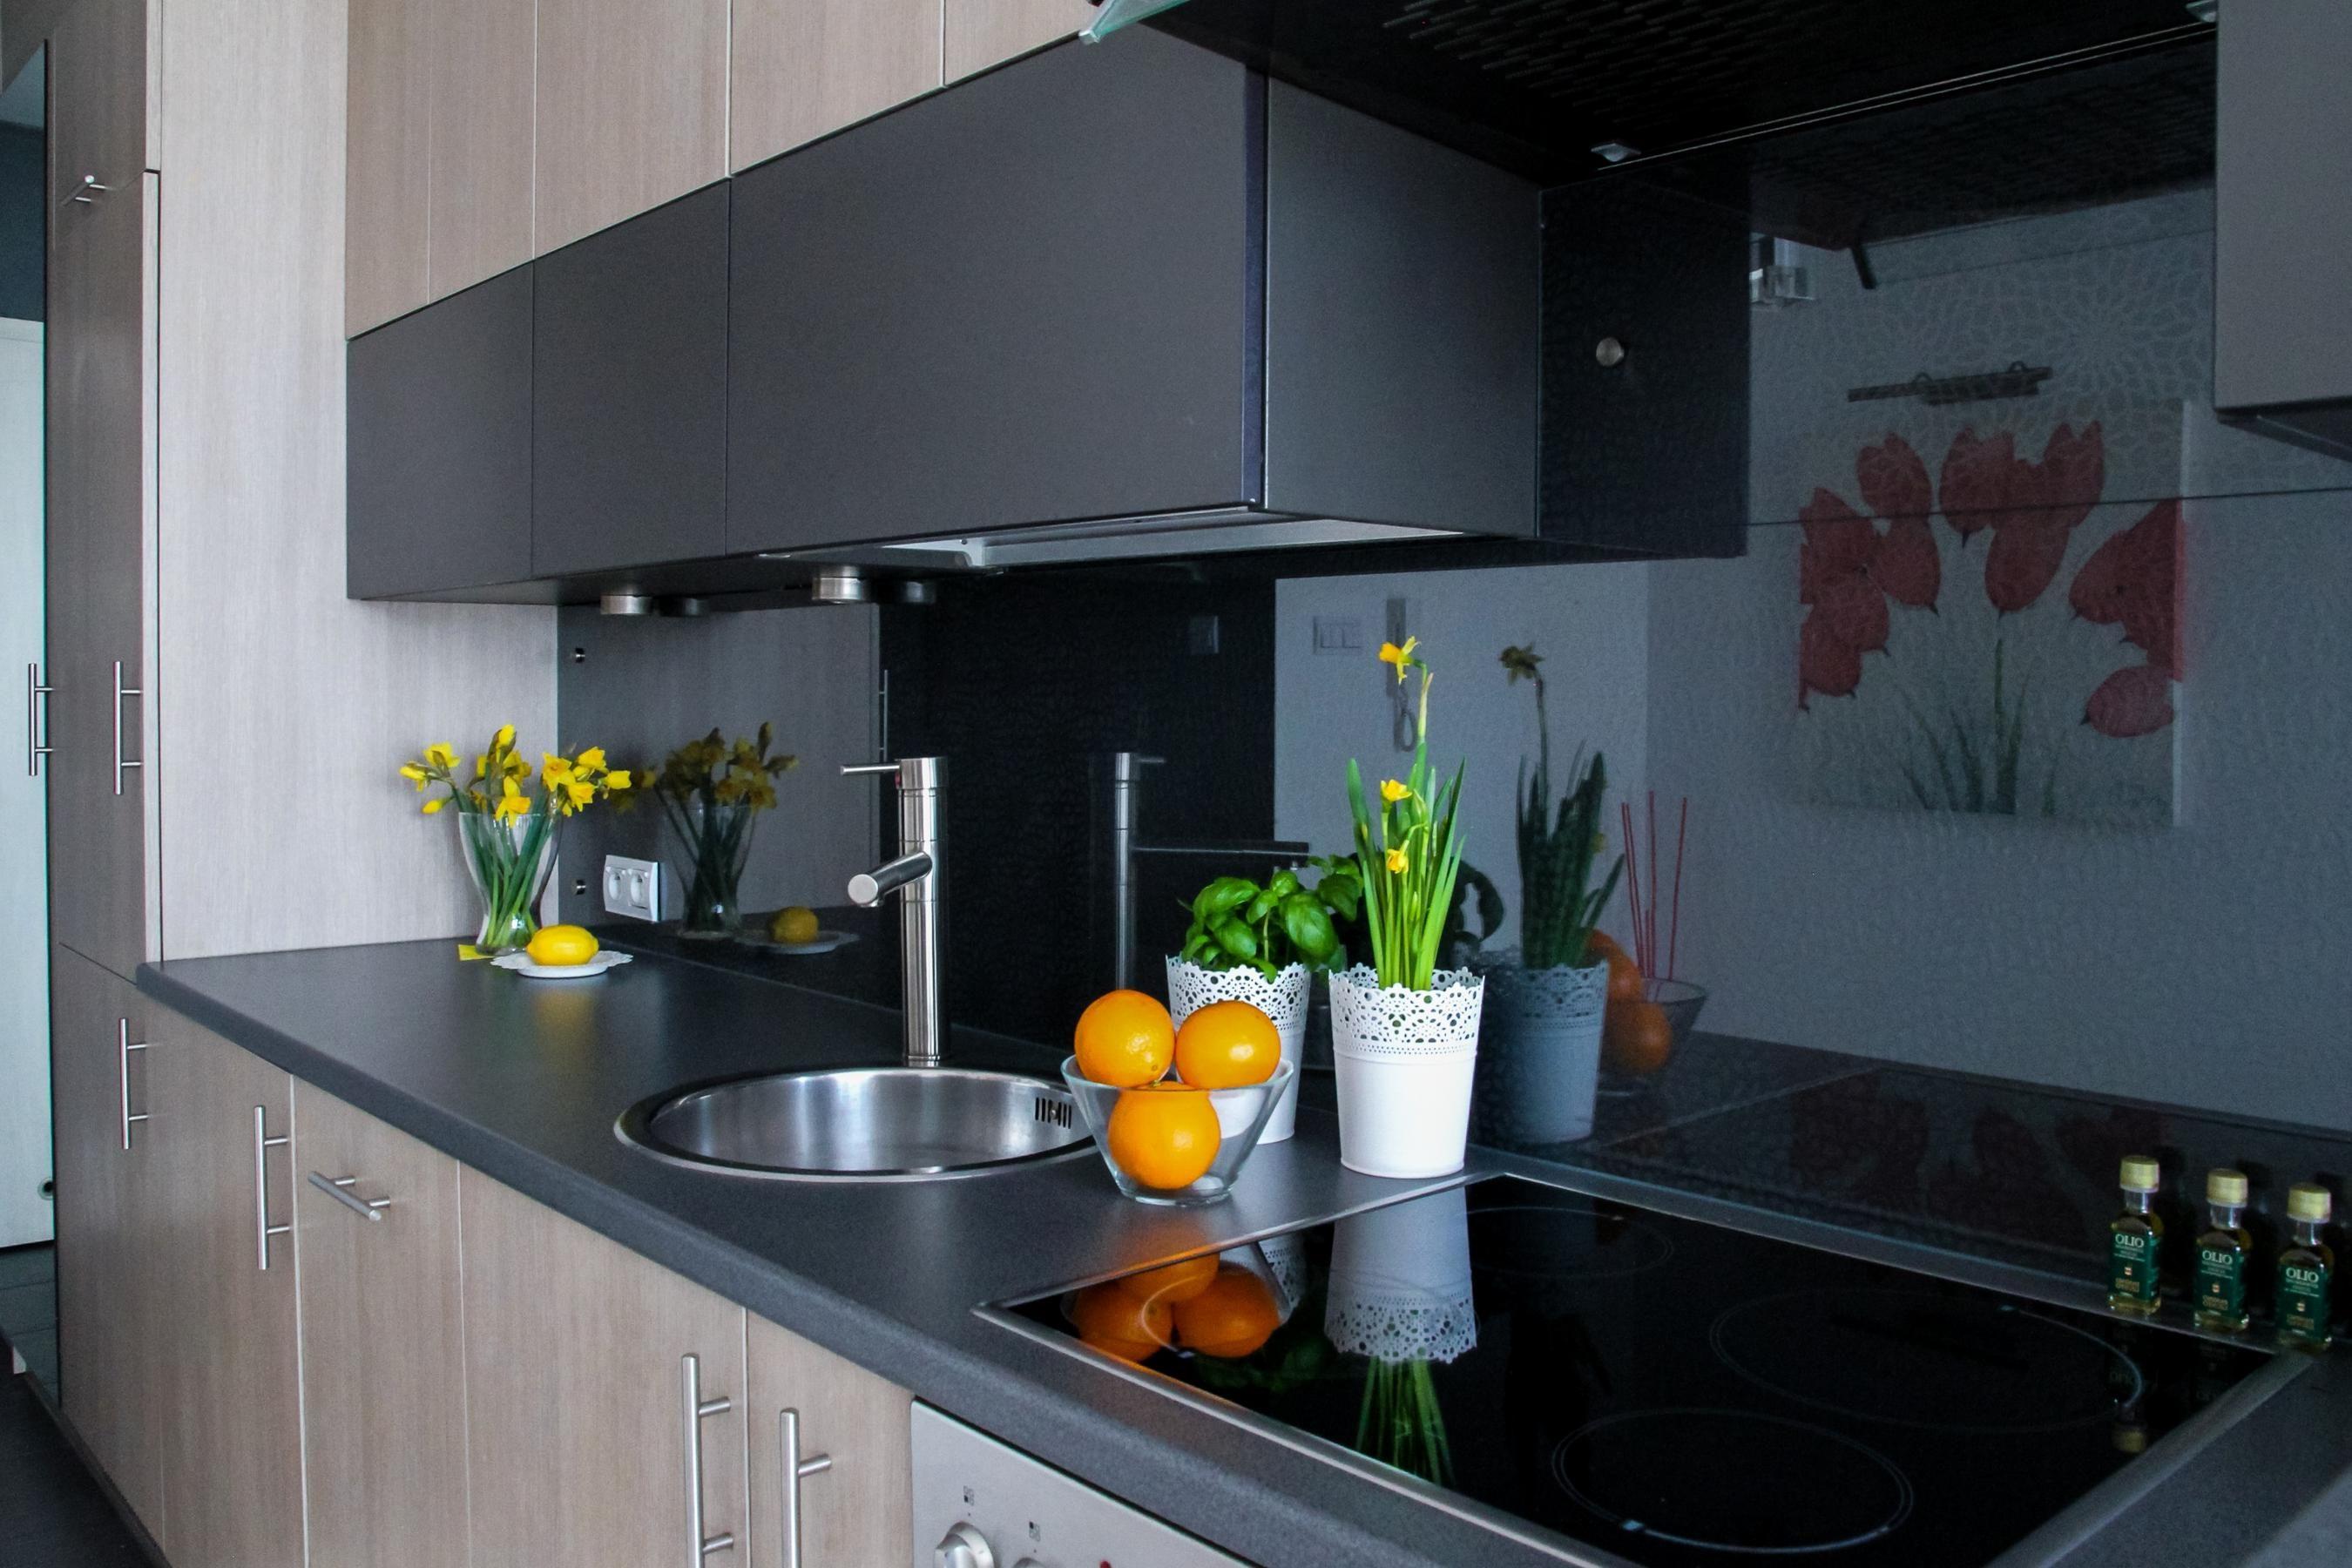 Foto gratis: all\'interno, piano cottura, cucina, Frigorifero, mobili ...